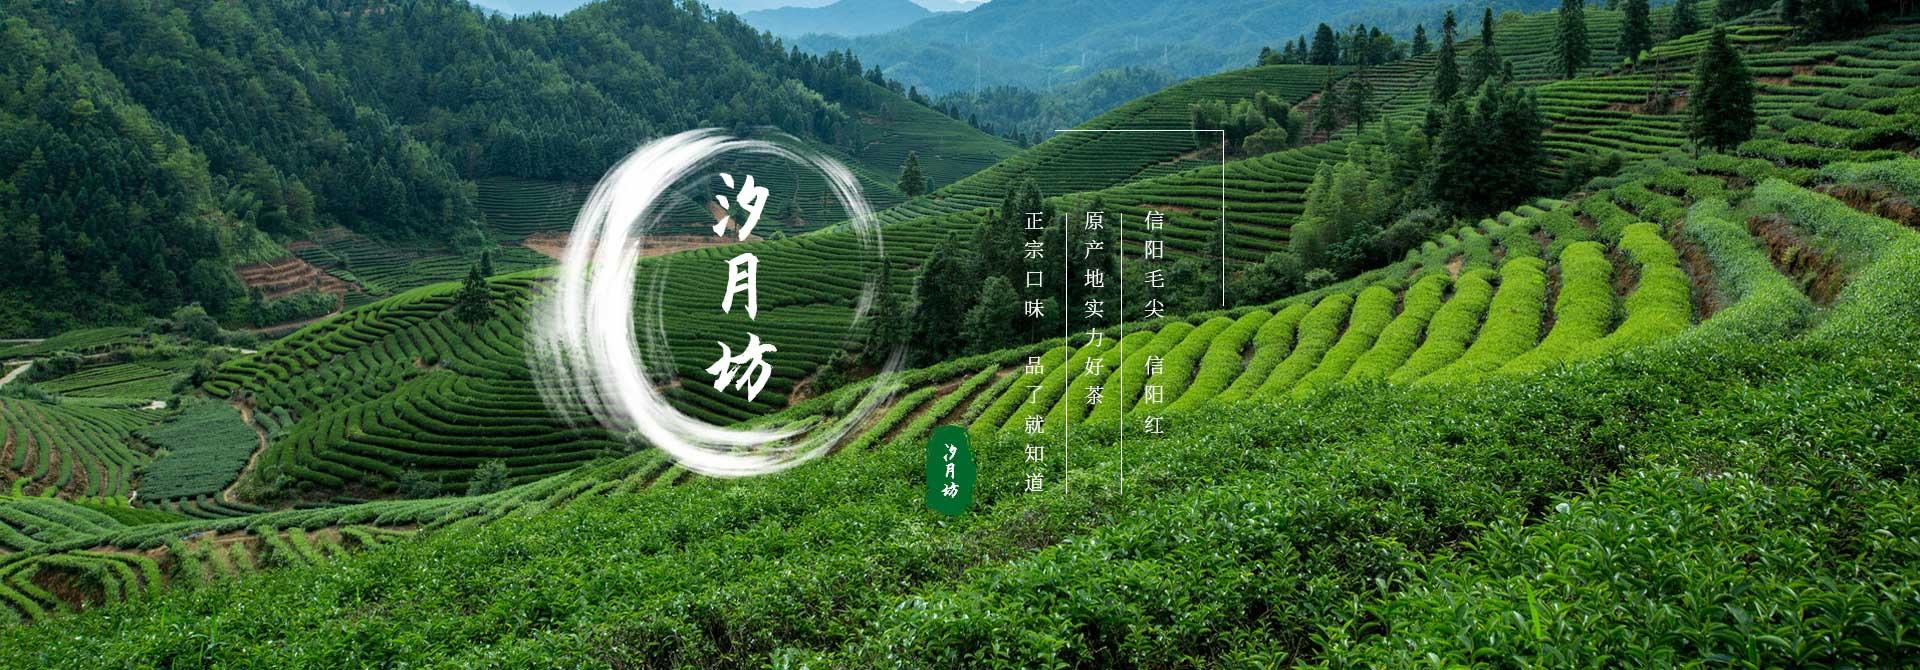 信阳高山茶